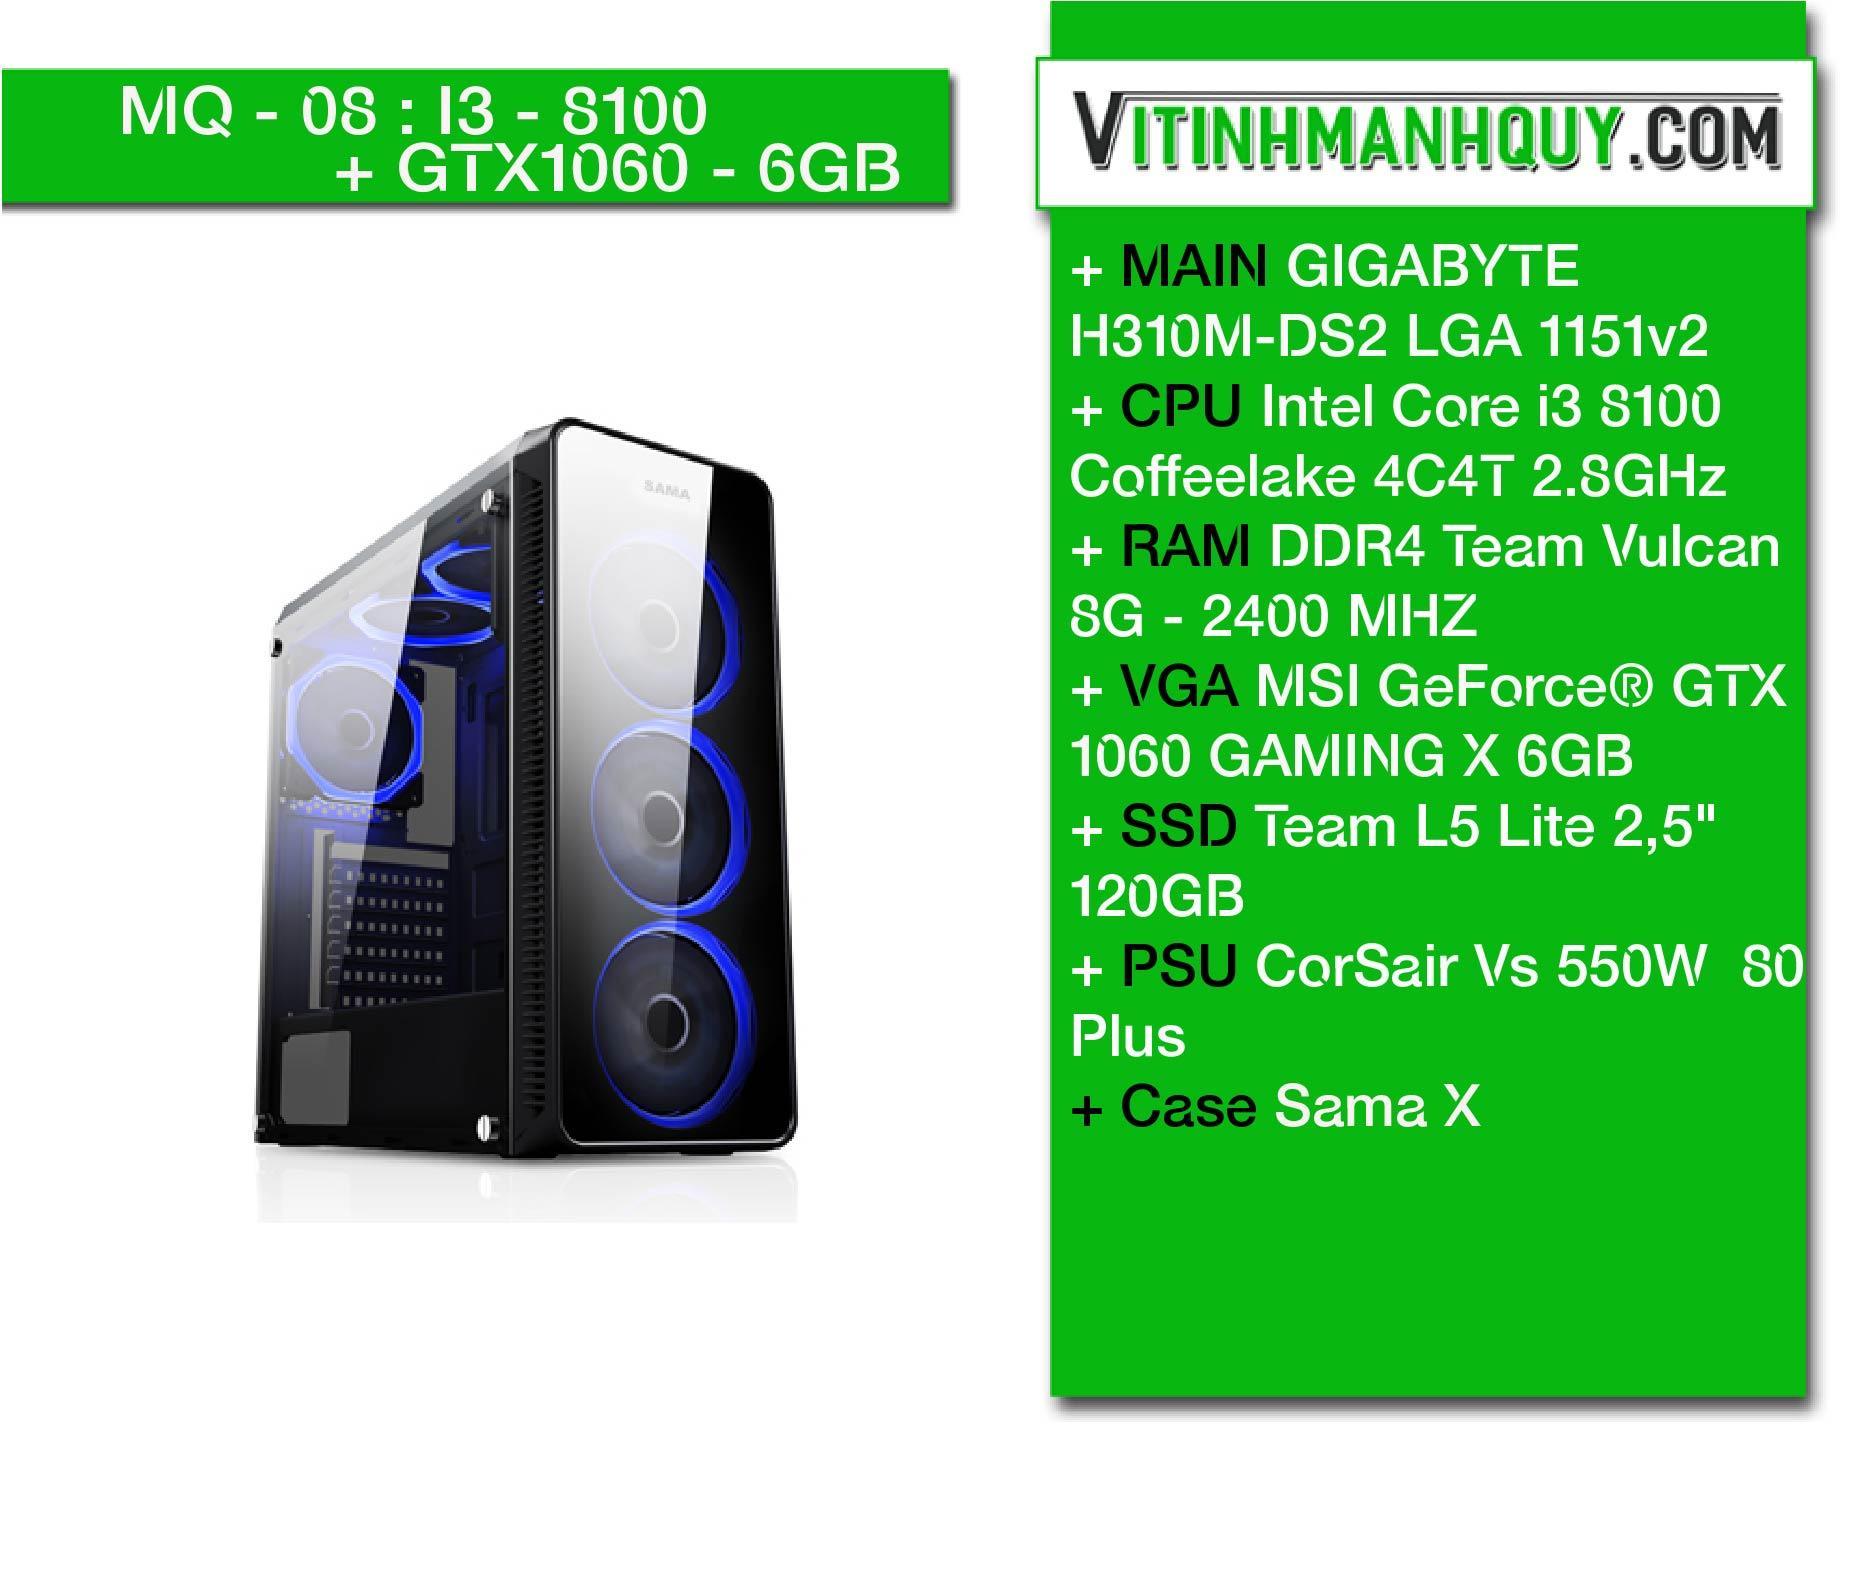 Hình ảnh MQ07I38100+6GB+GTX1060 - Case Sama X - Intel Core i3 8100 Coffeelake 4C4T 2.8GHz - DDR4 Team Vulcan 8G - 2400 MHZ - SSD Team L5 Lite 2,5